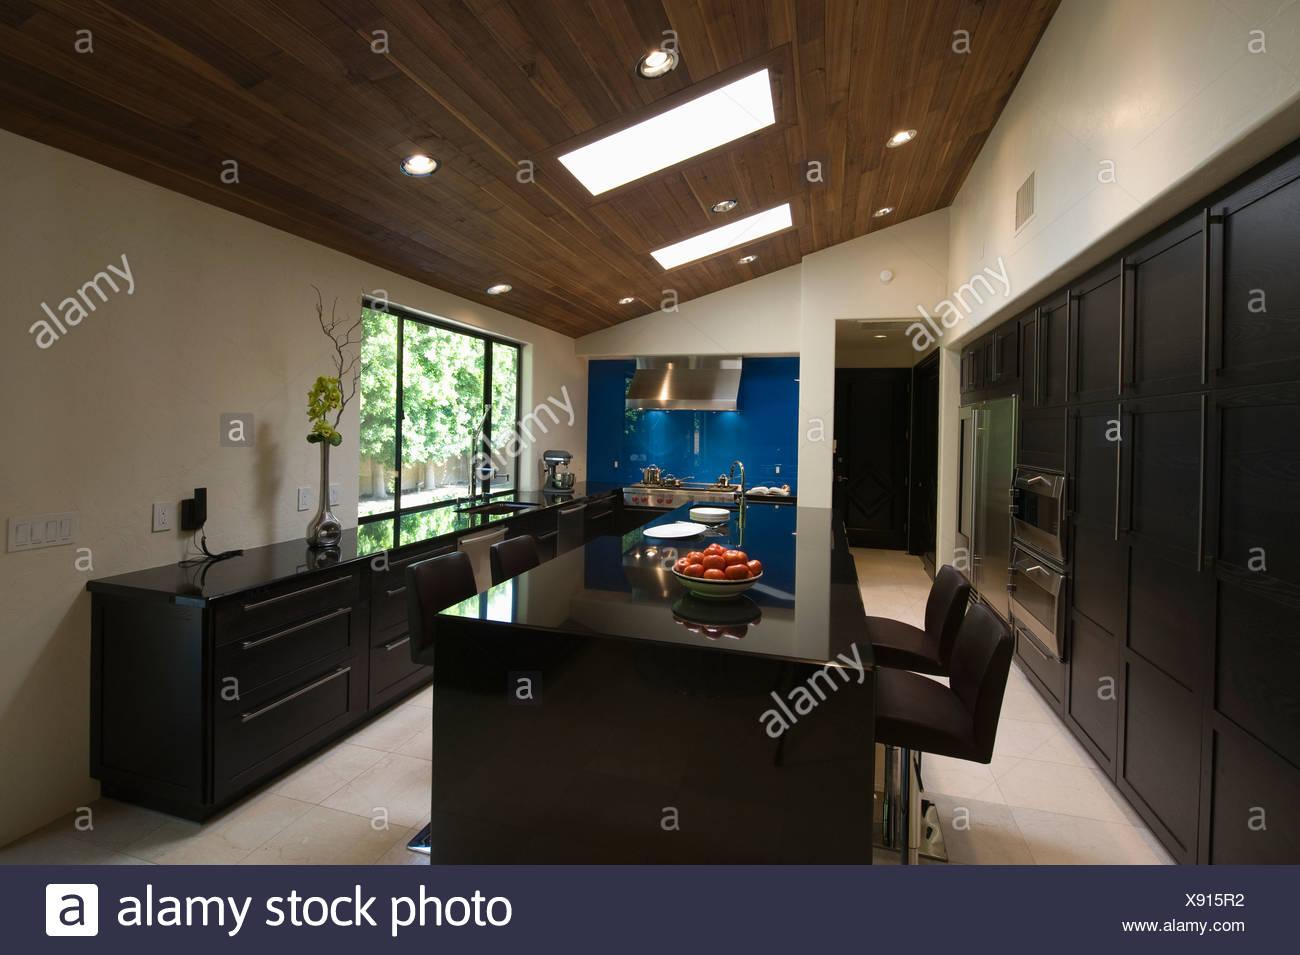 Schwarze Hochglanz Küche mit Oberlichtern Stockfoto, Bild: 280924310 ...